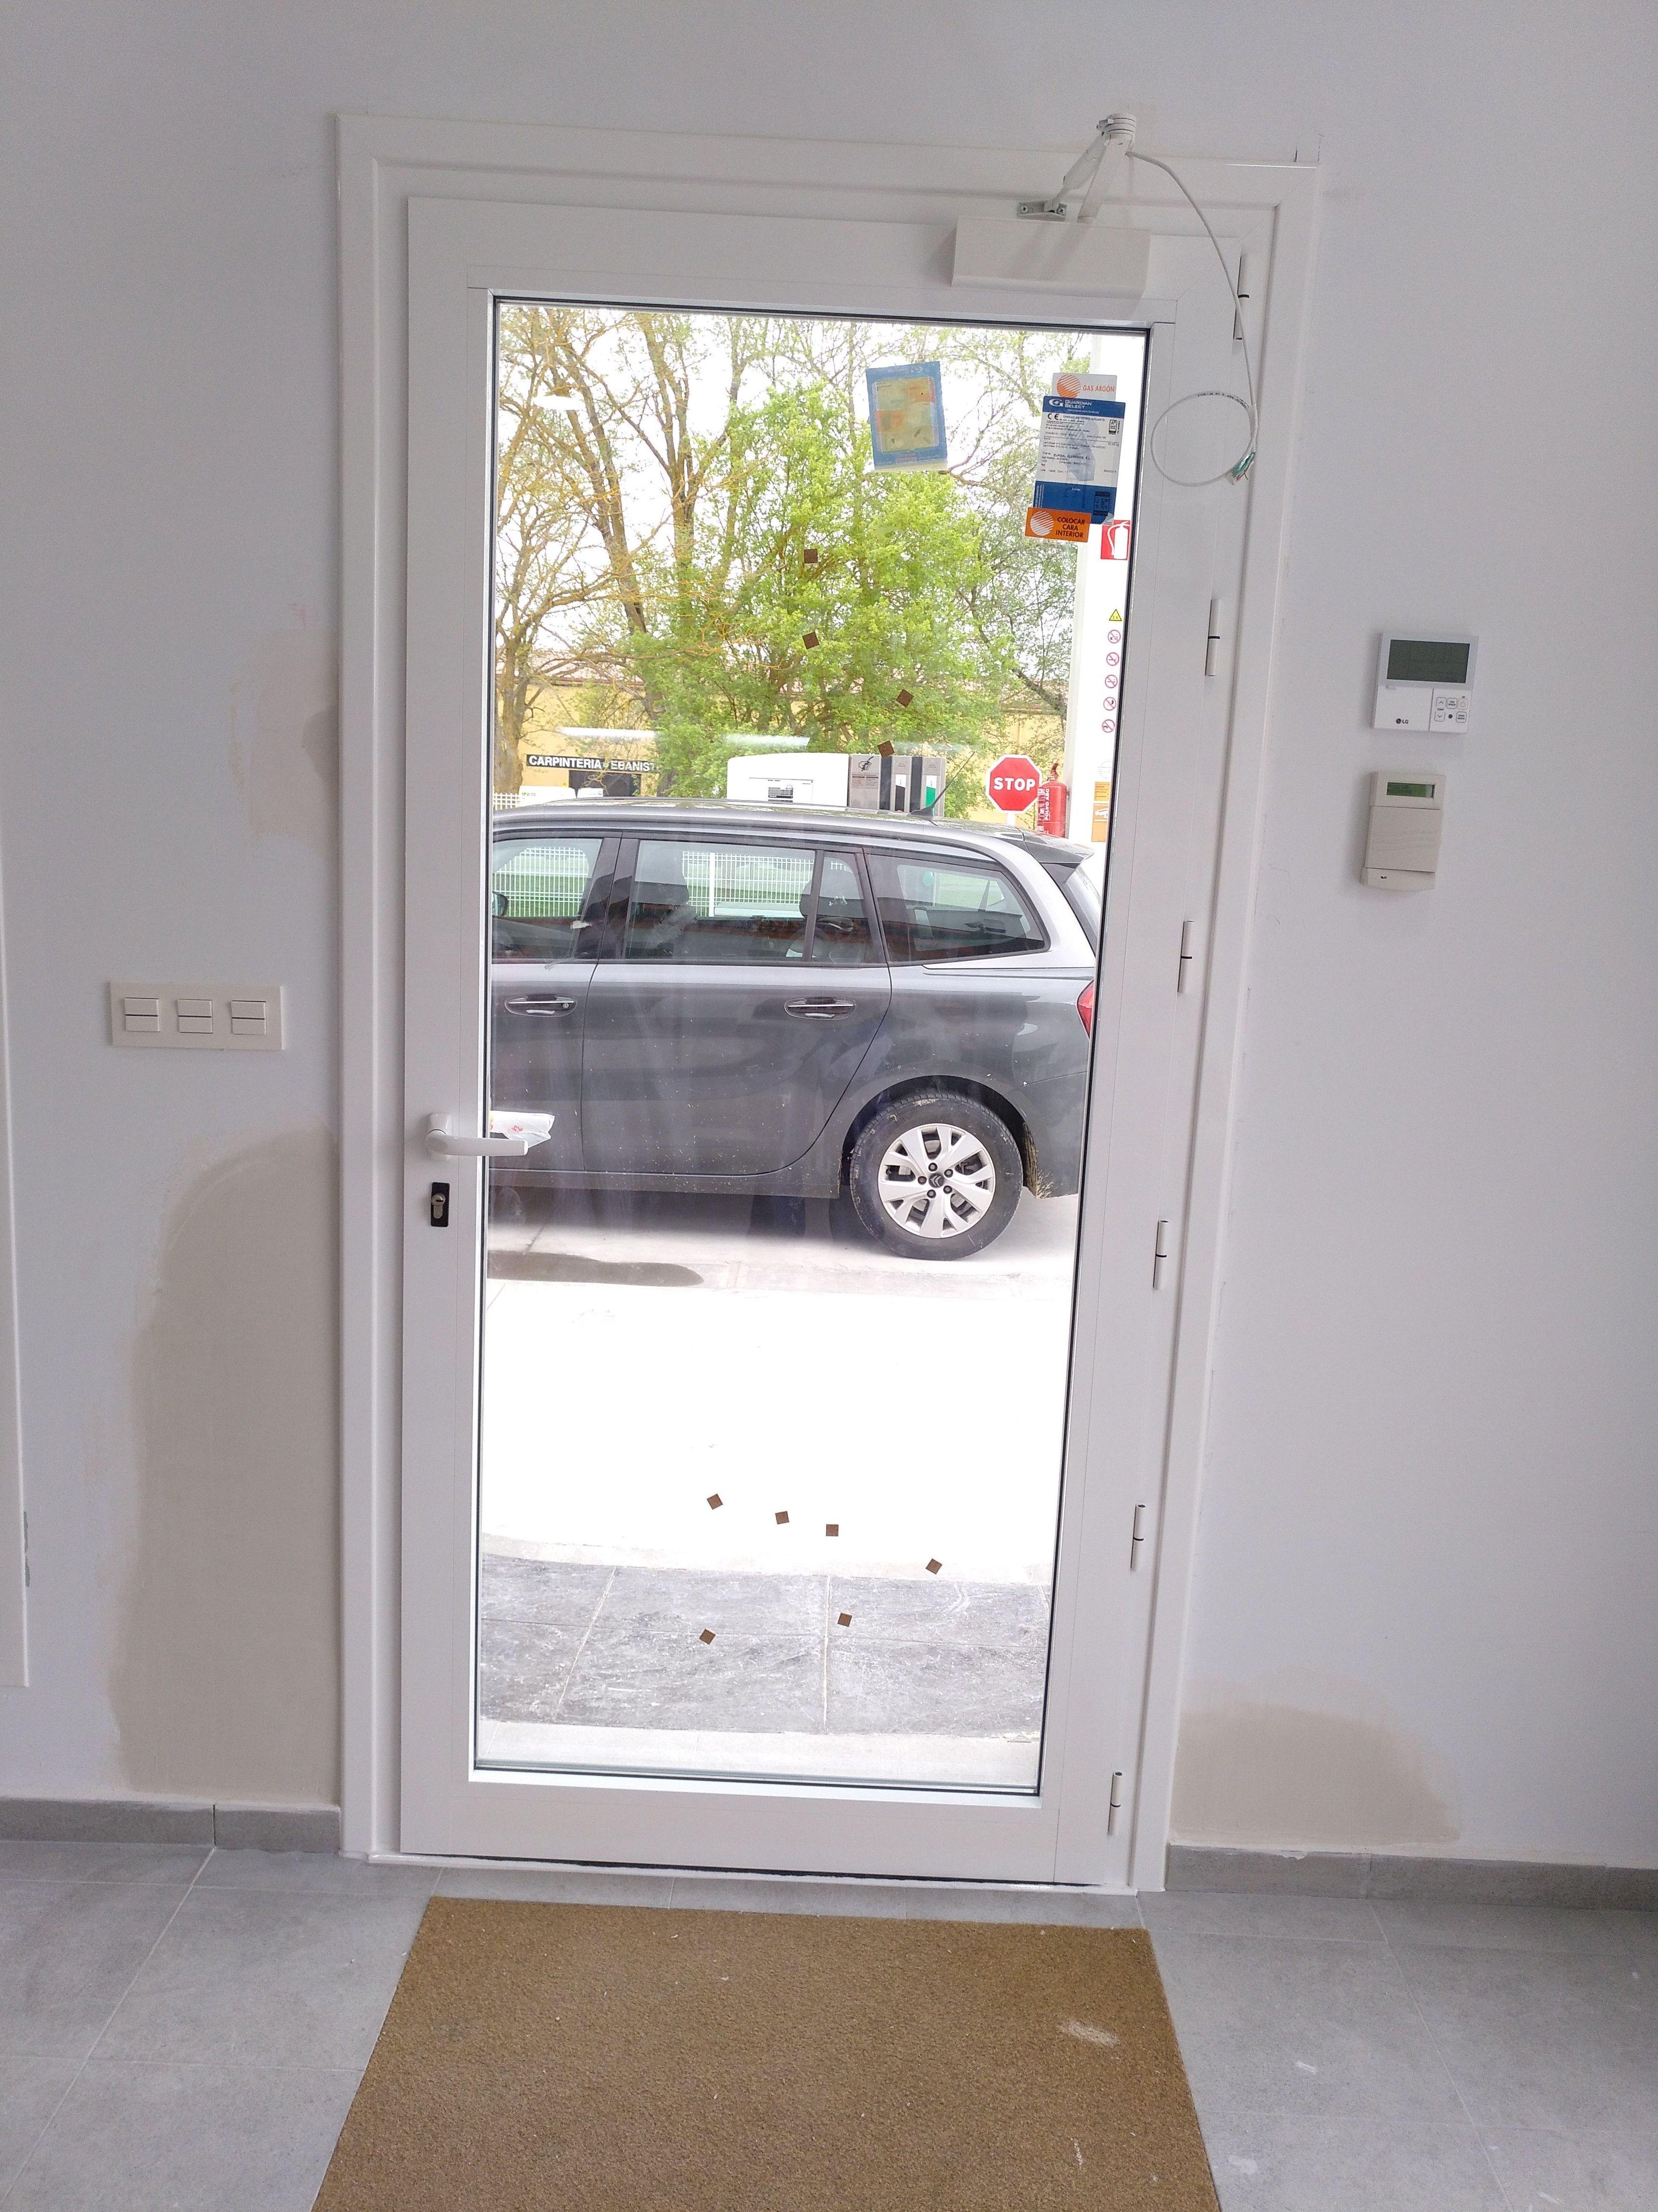 Foto 5 de Carpintería de aluminio, metálica y PVC en Vitoria-Gasteiz | Zurgal Aluminios, S.L.